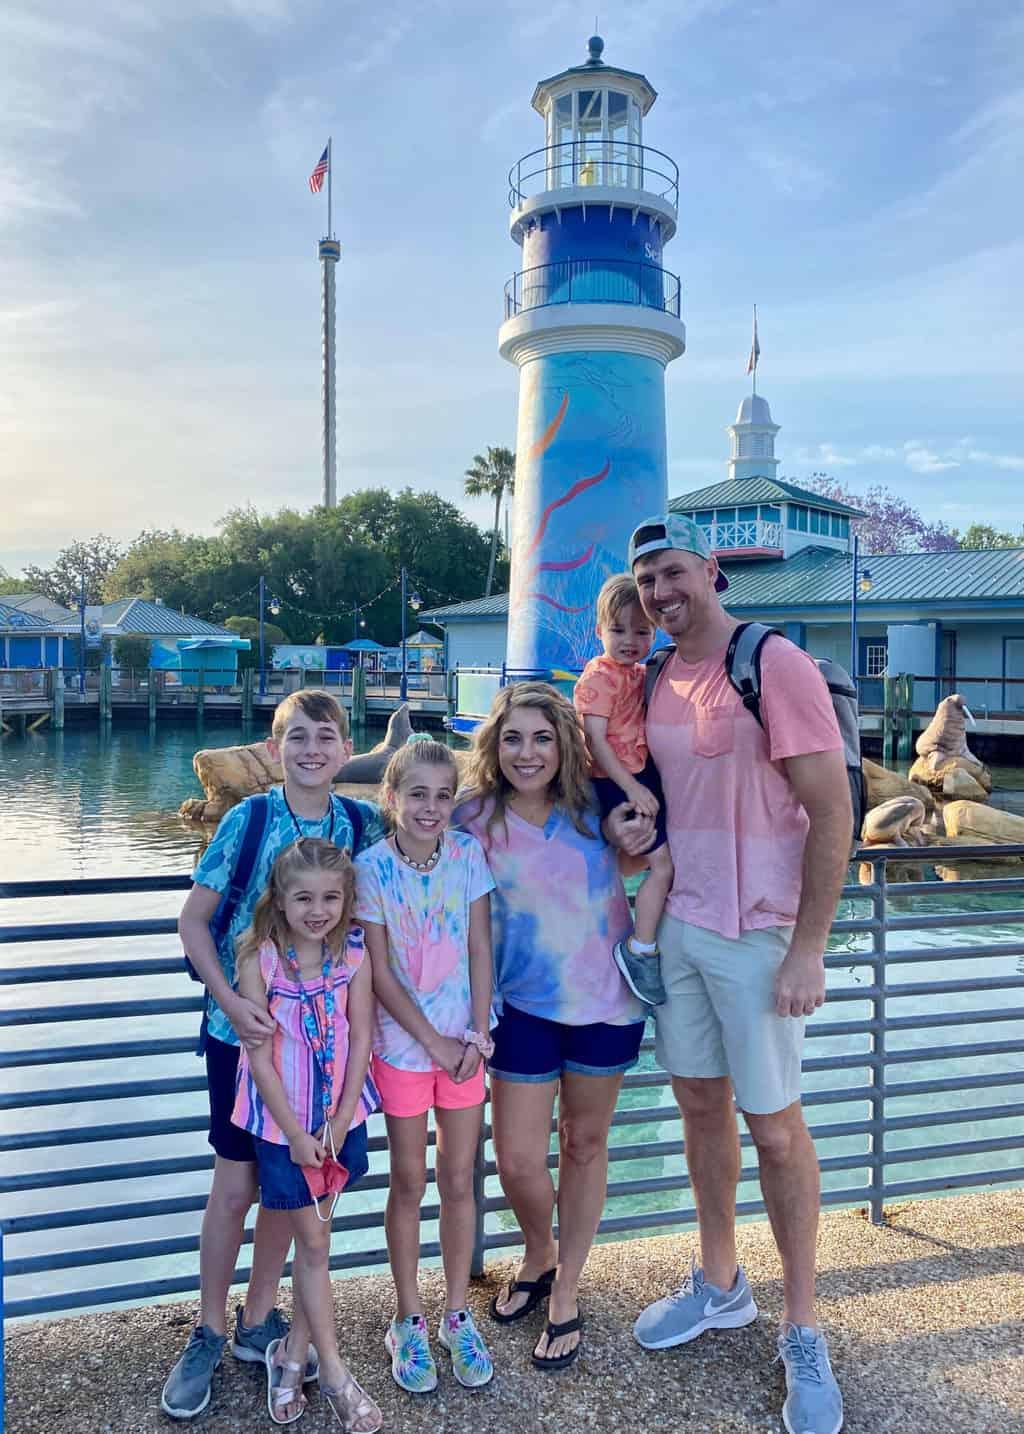 Tips for Visiting SeaWorld Orlando - SeaWorld Travel Guide